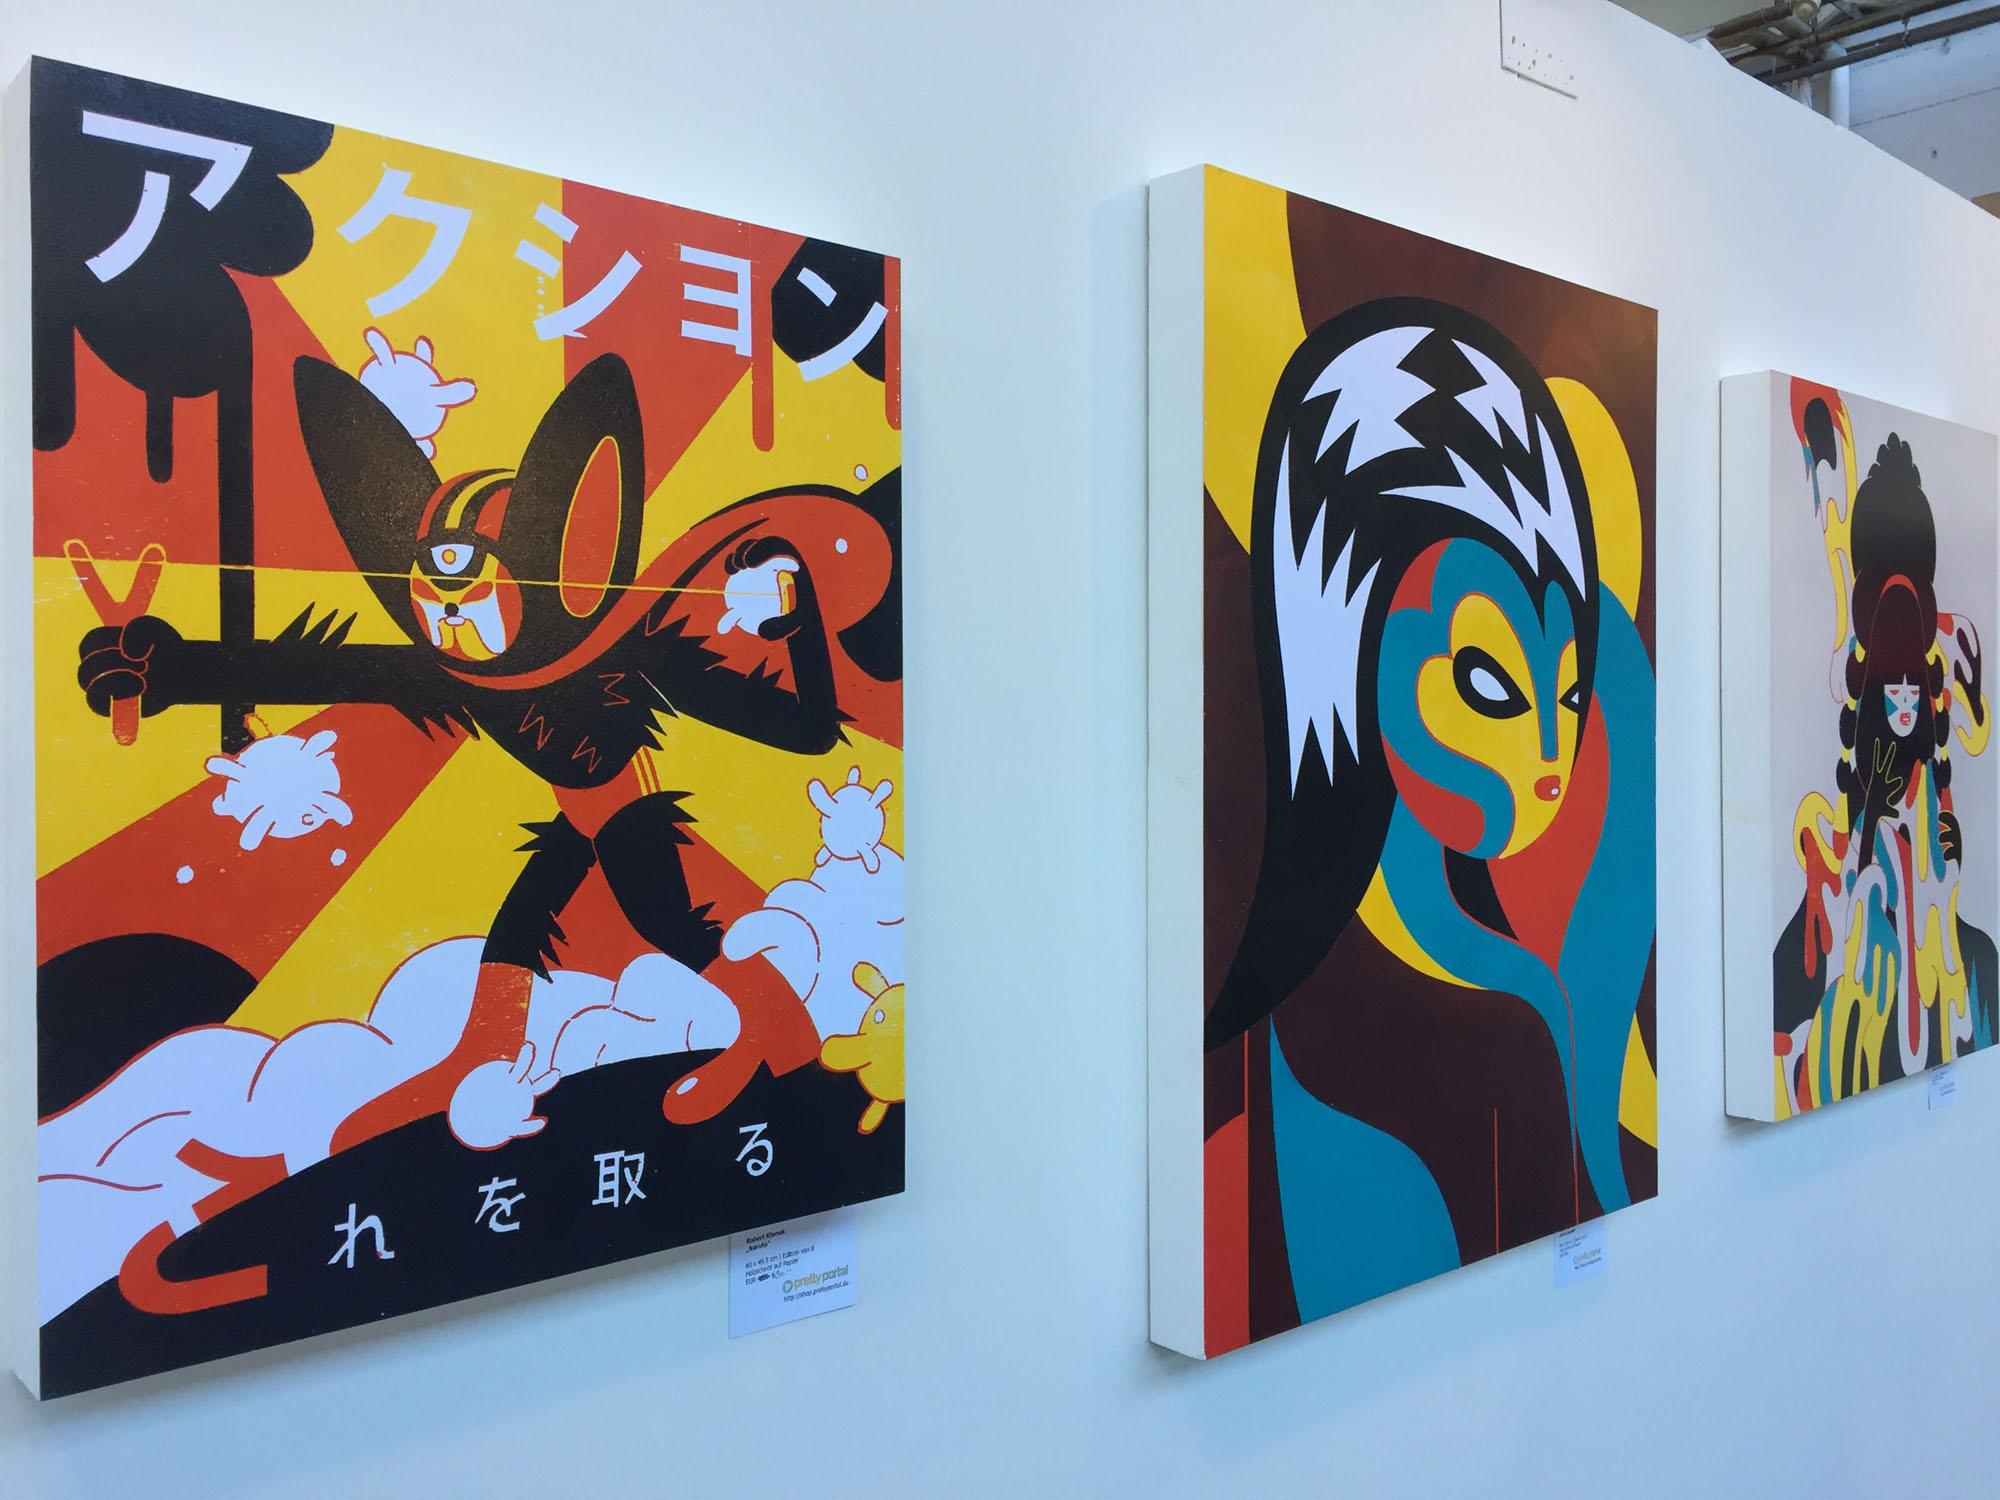 Coverage: Stroke Art Fair 2017 Artes & contextos Str 15